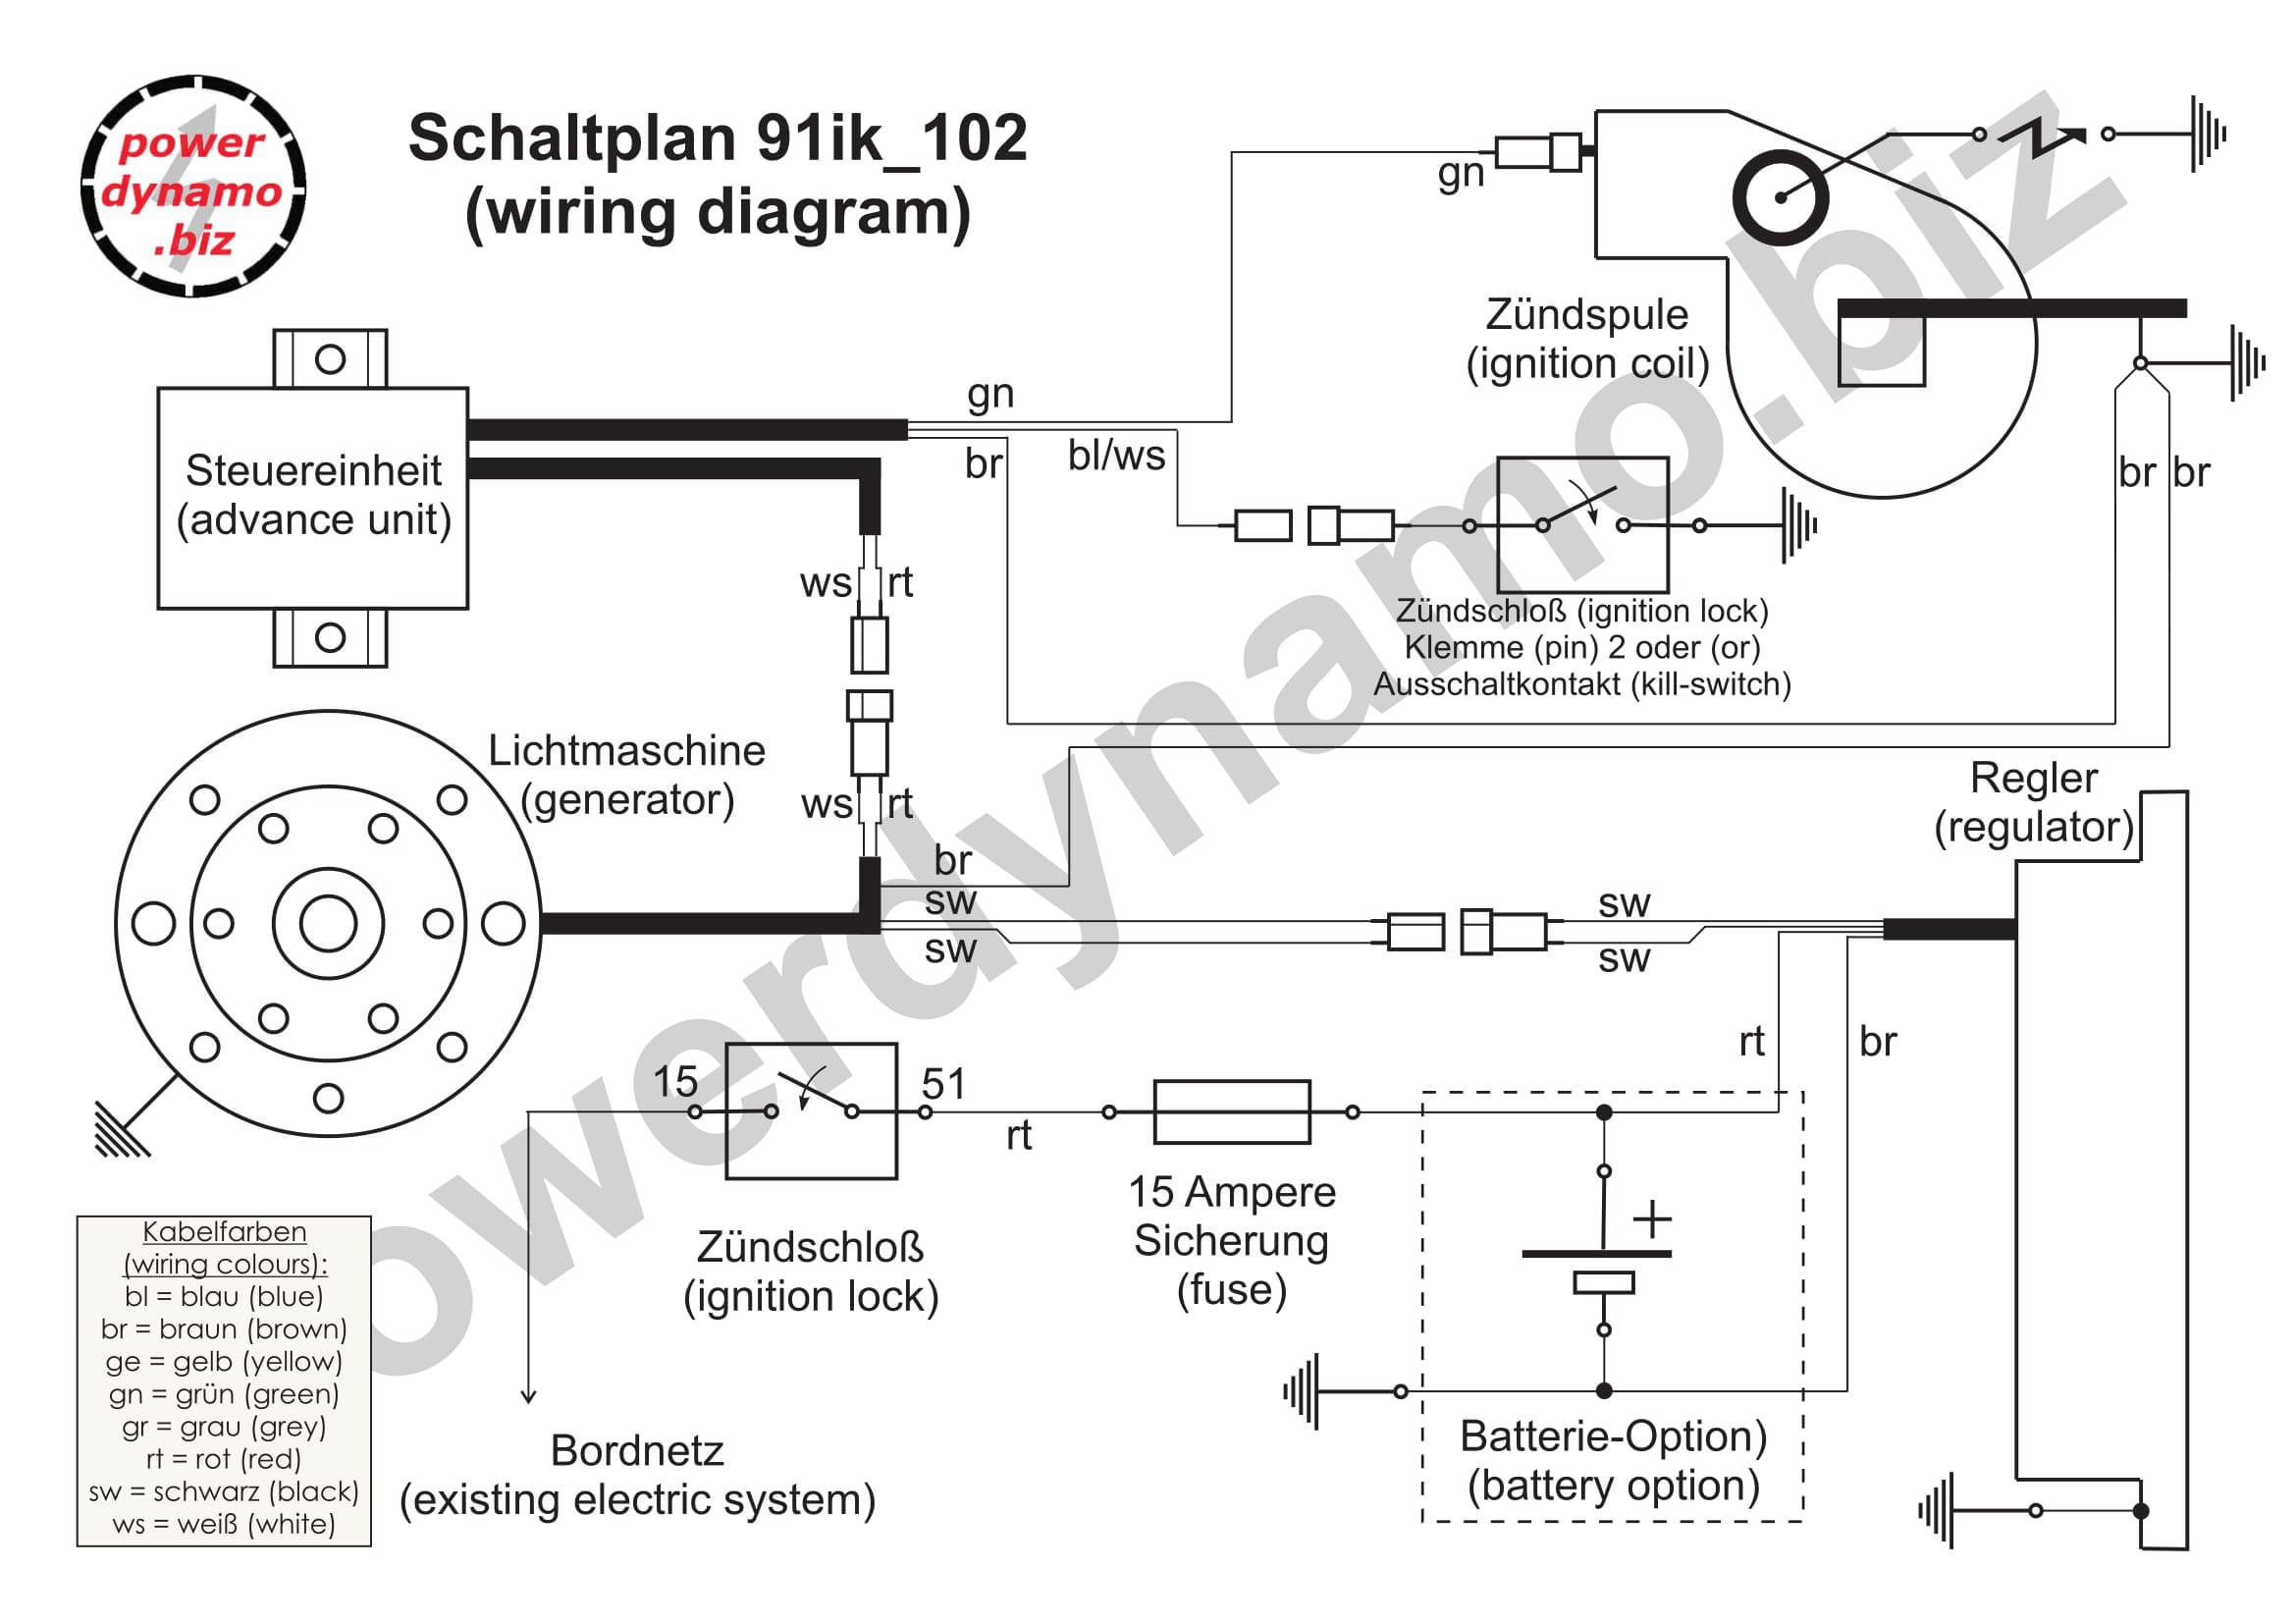 Großzügig Schaltplan Des Sensorschalters Zeitgenössisch - Schaltplan ...